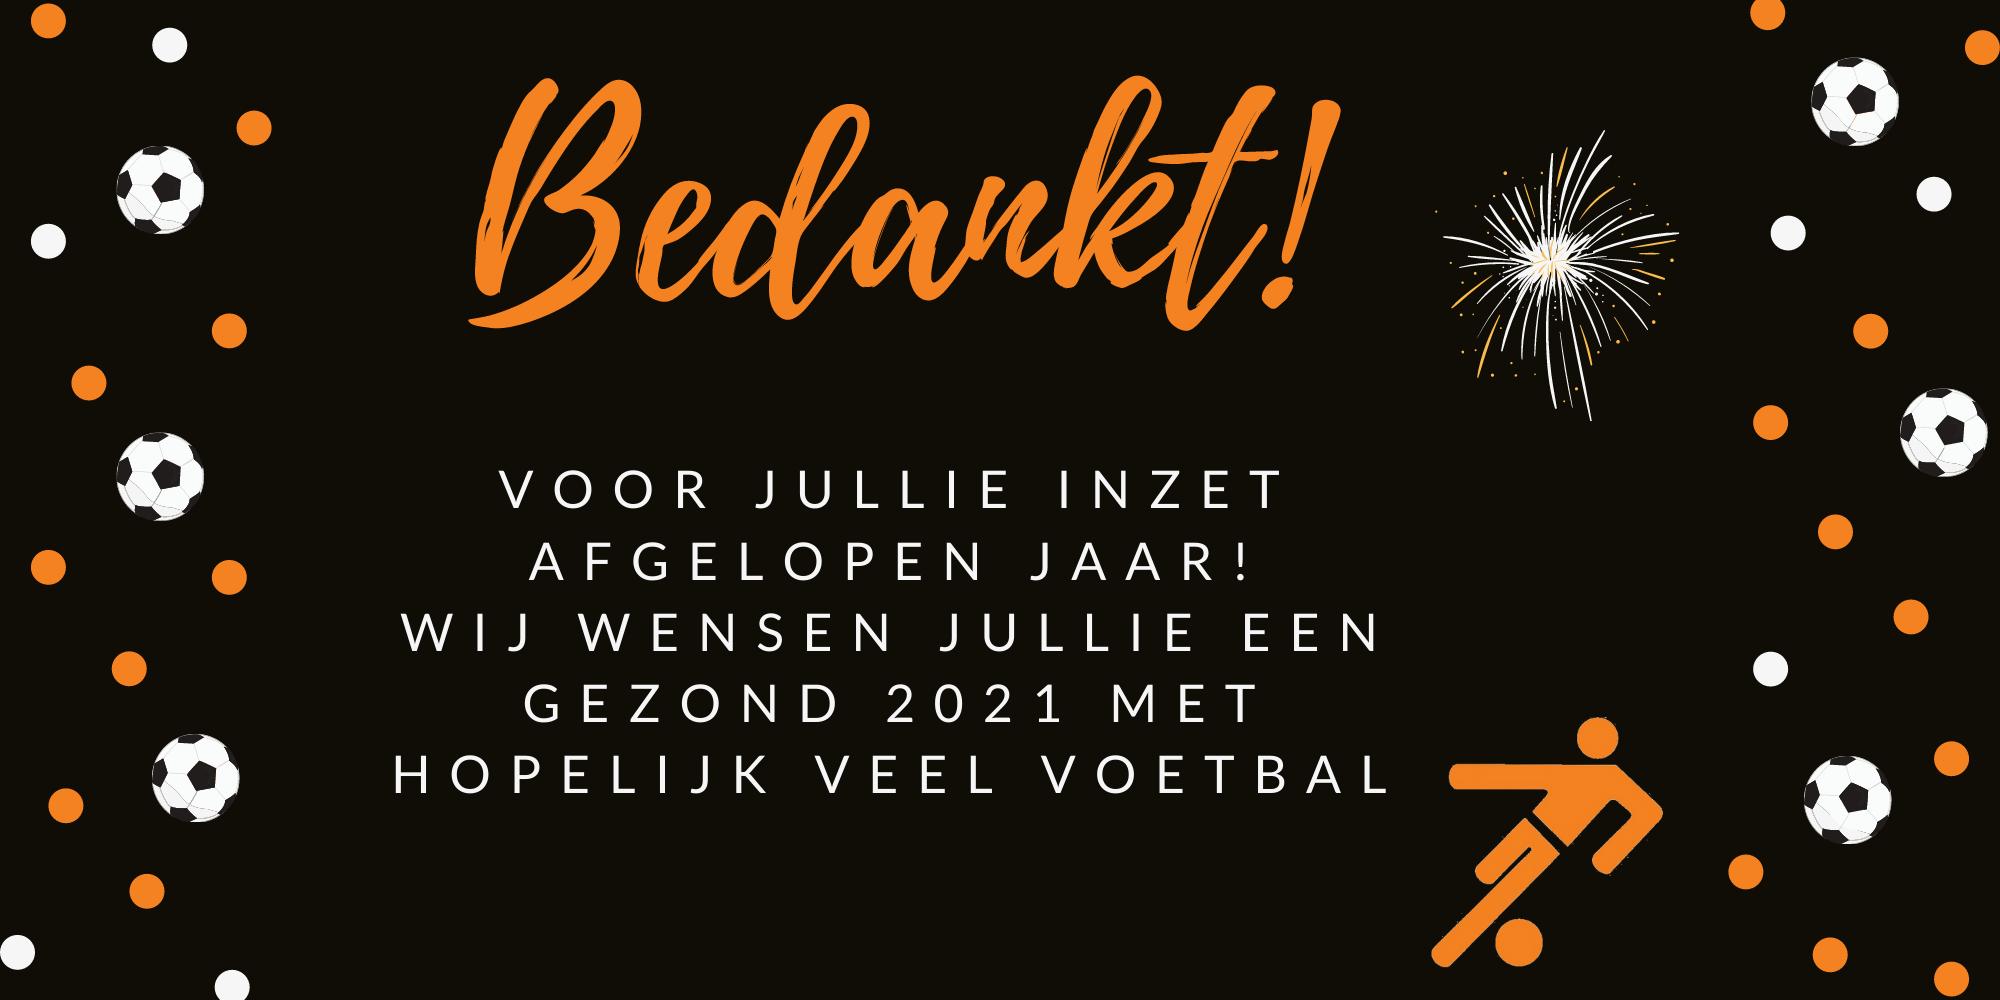 Beek Vooruit verrast vrijwilligers met een gezonde attentie!